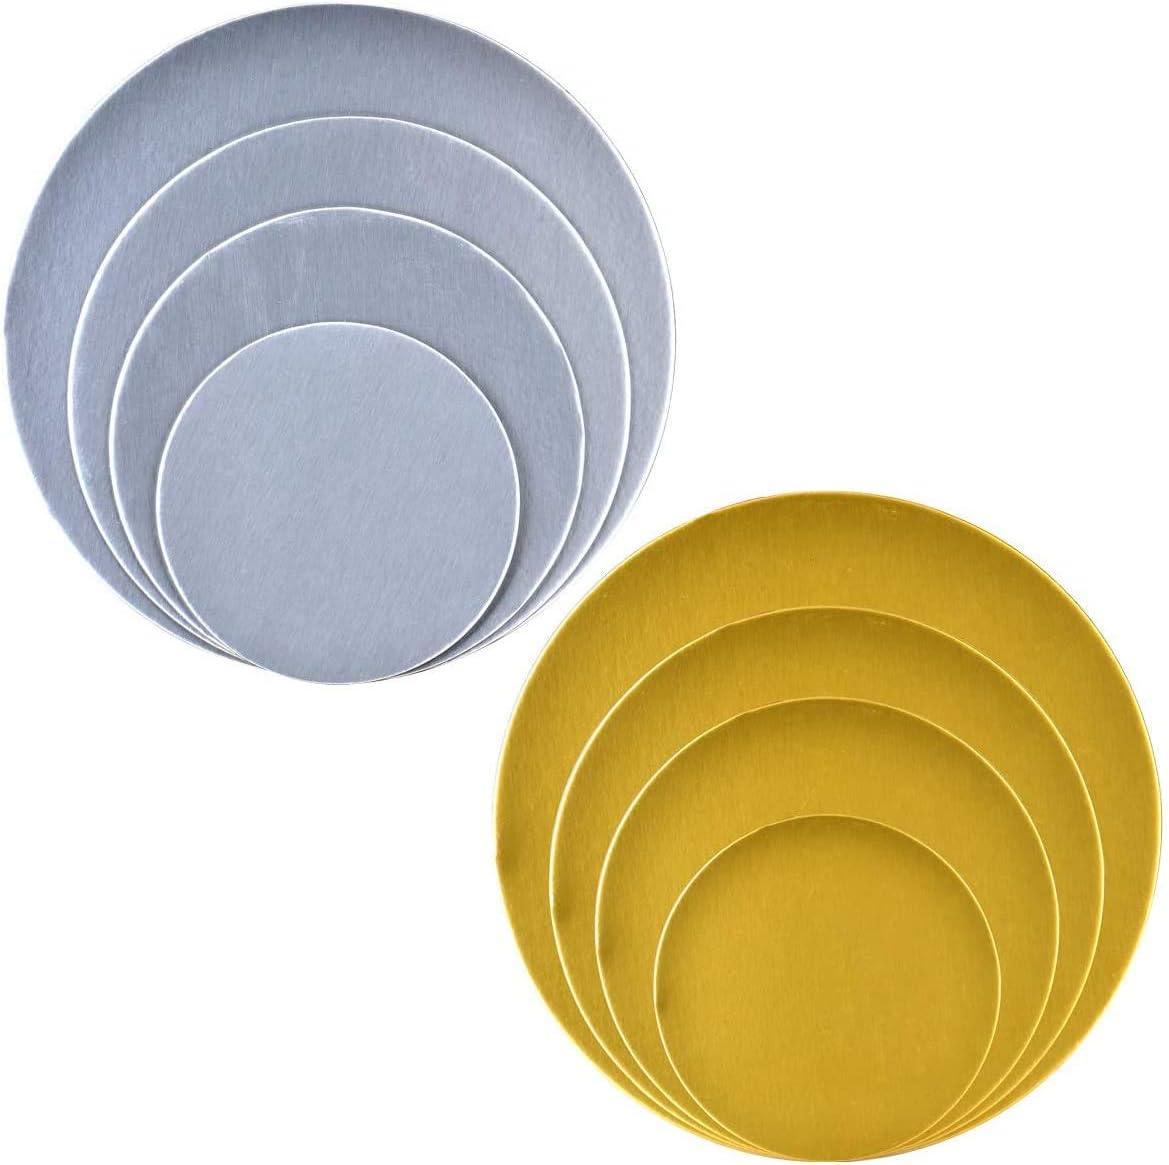 WENTS Lot de 8 planches /à g/âteau rondes en carton recyclables et empilables Argent/é et dor/é 2,5 mm